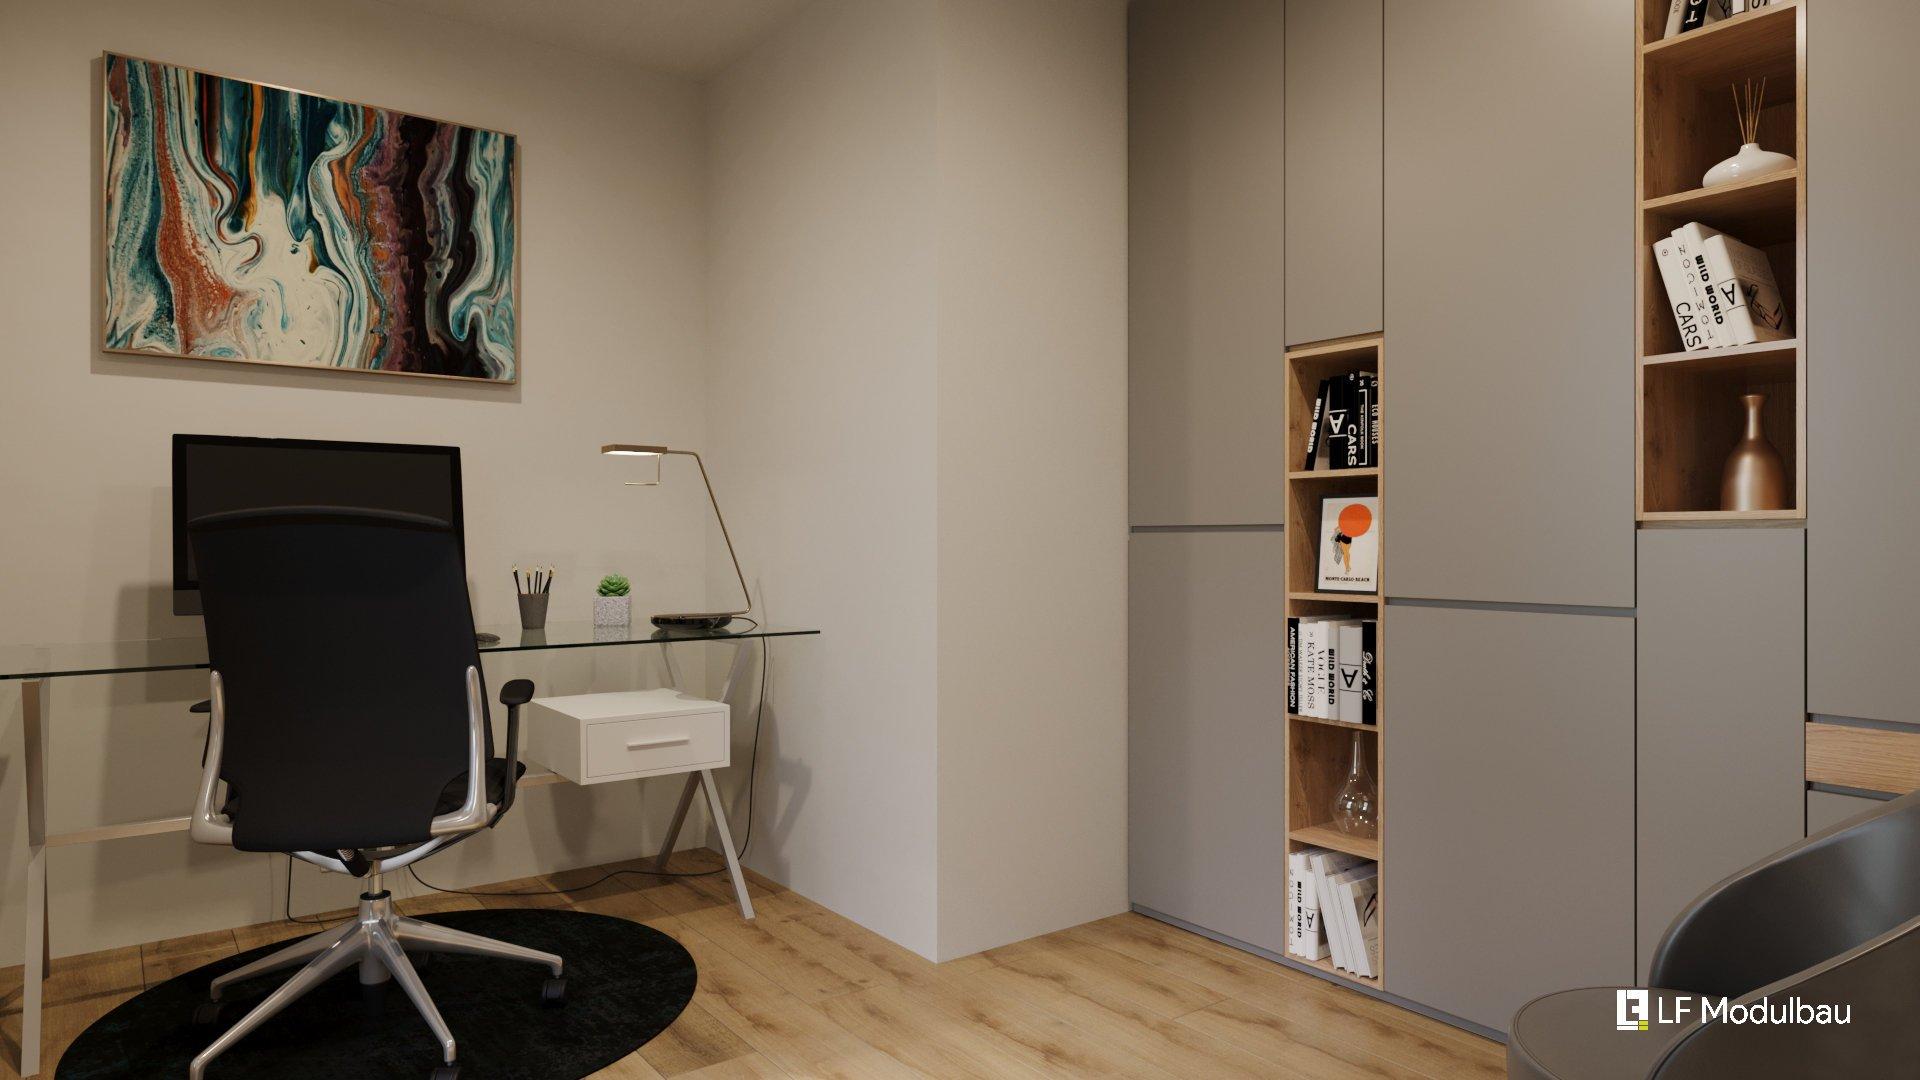 Das Arbeitszimmer unseres Fertighauses in Modulbauweise - LF Home III